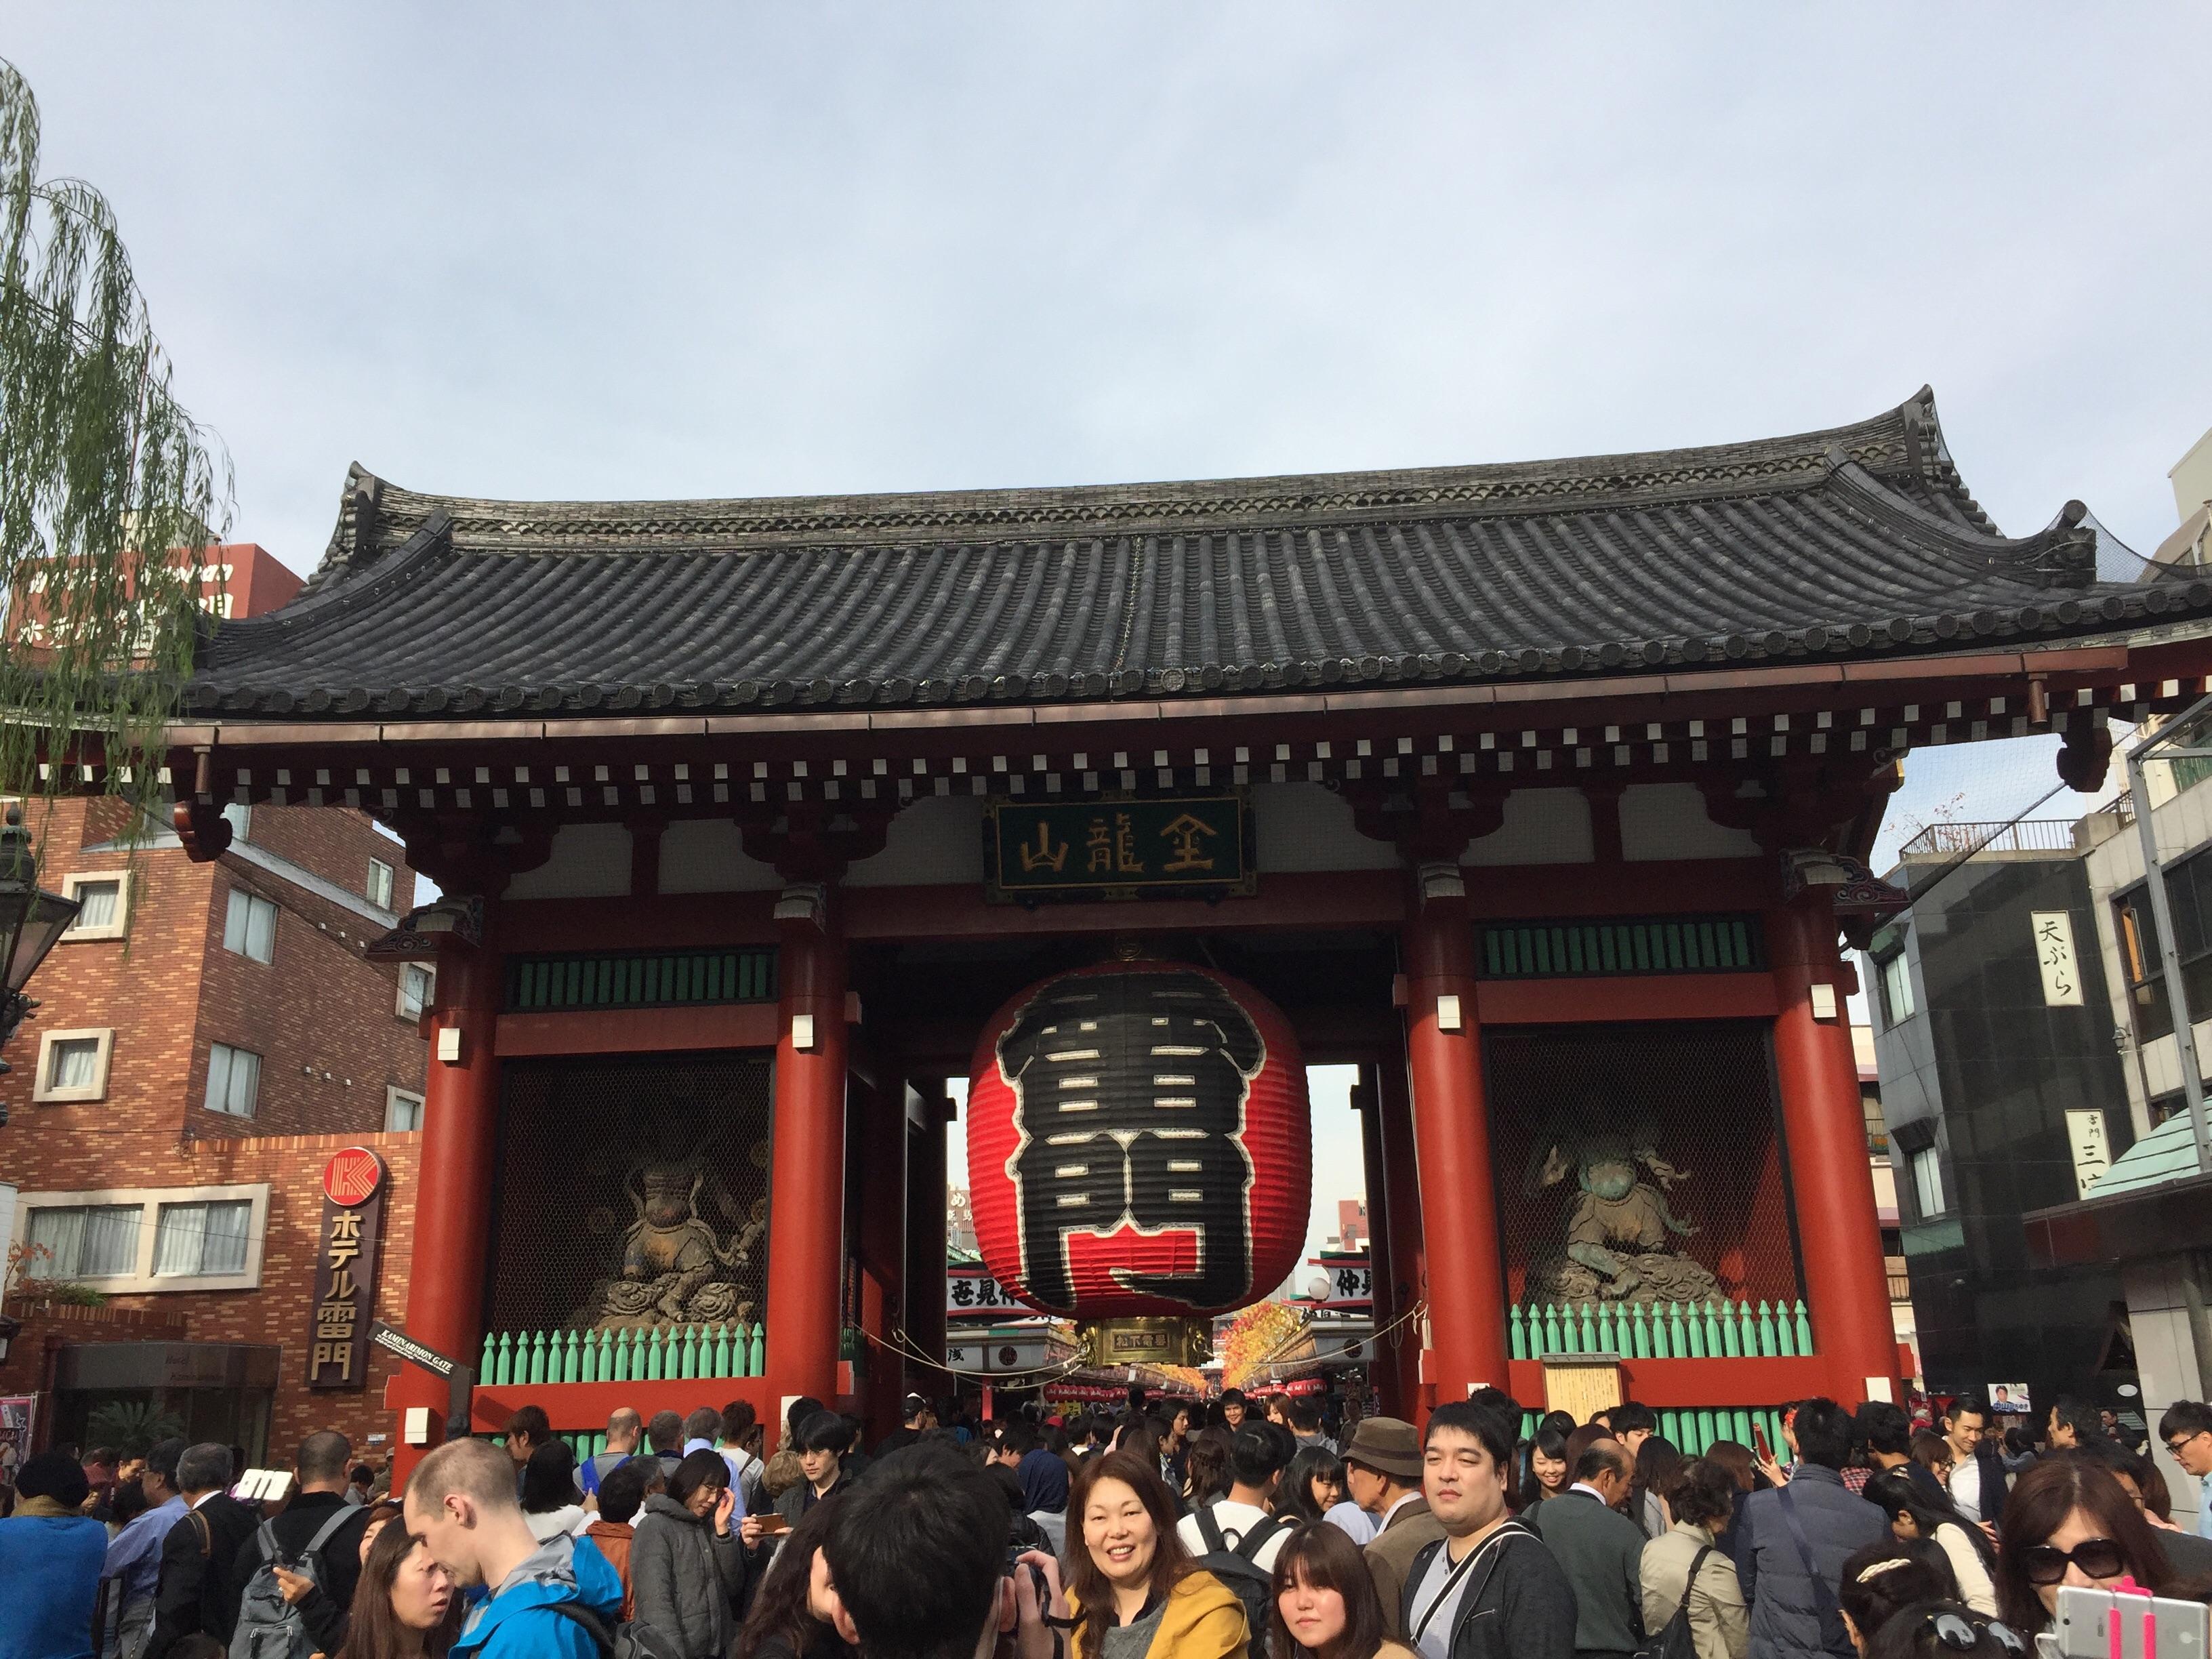 f:id:irohanihoheto-shinobi1105:20161124130726j:image